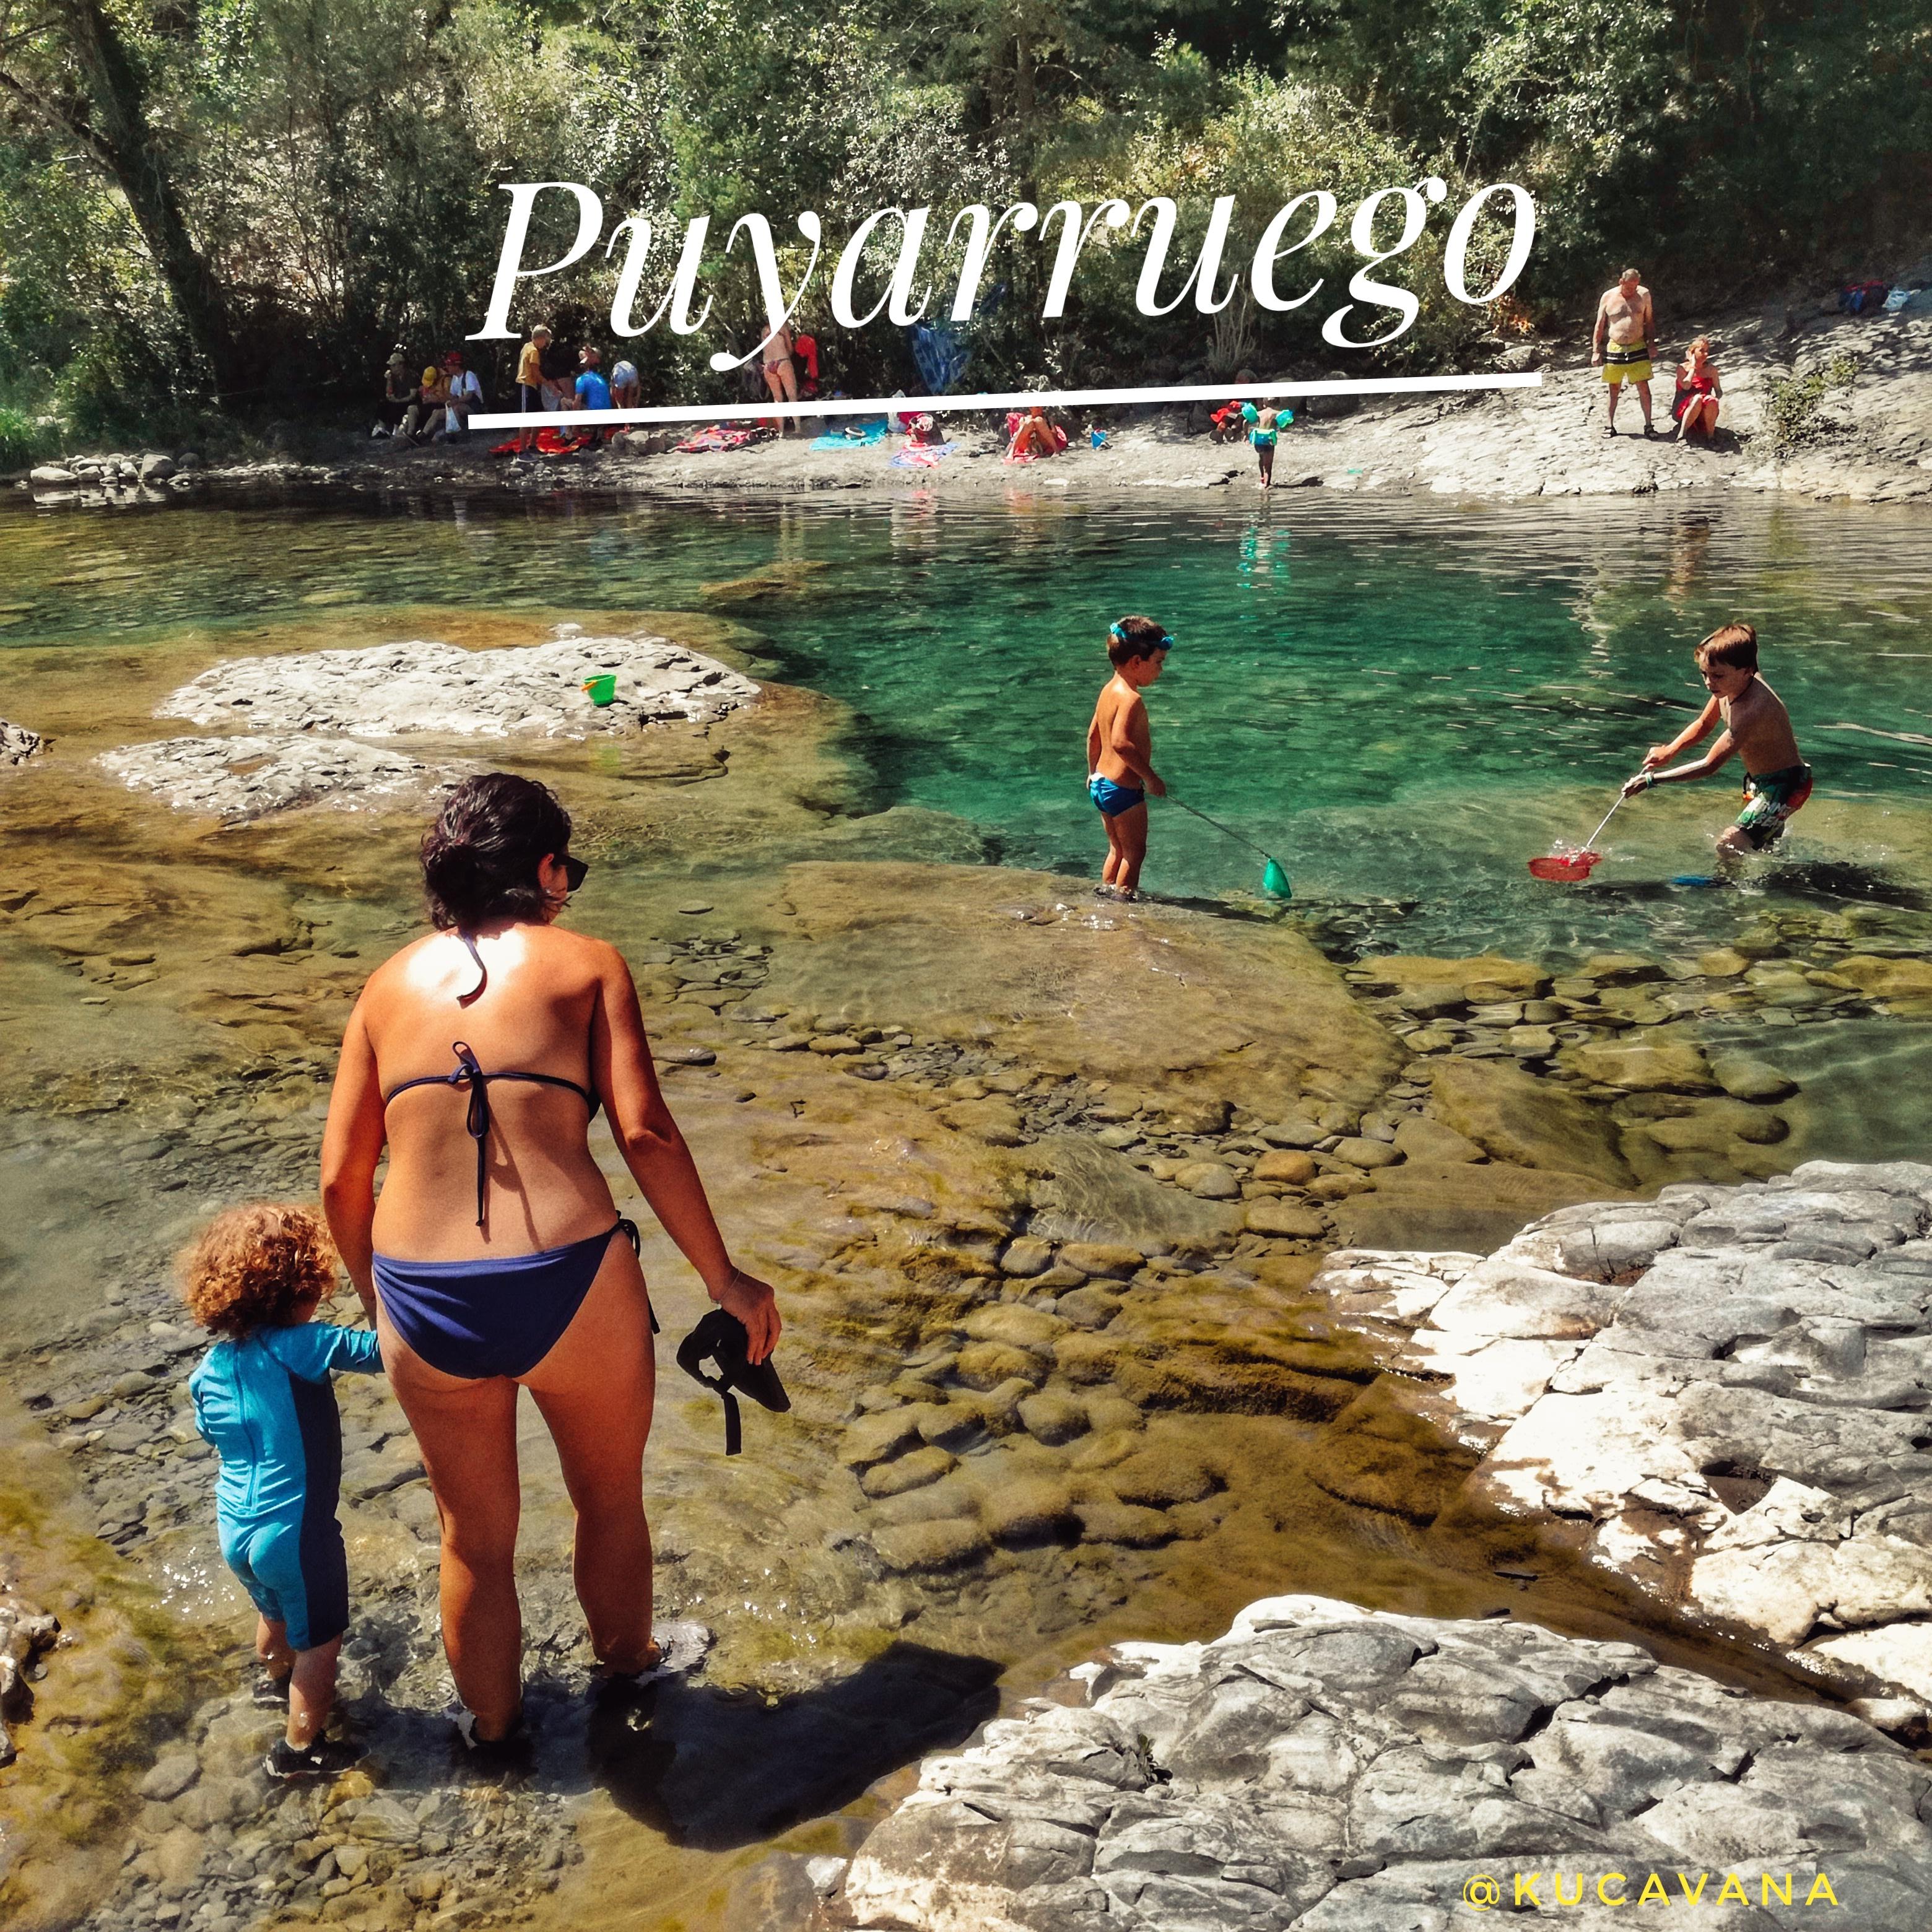 Profitez des piscines d'eau émeraude à: Puyarruego